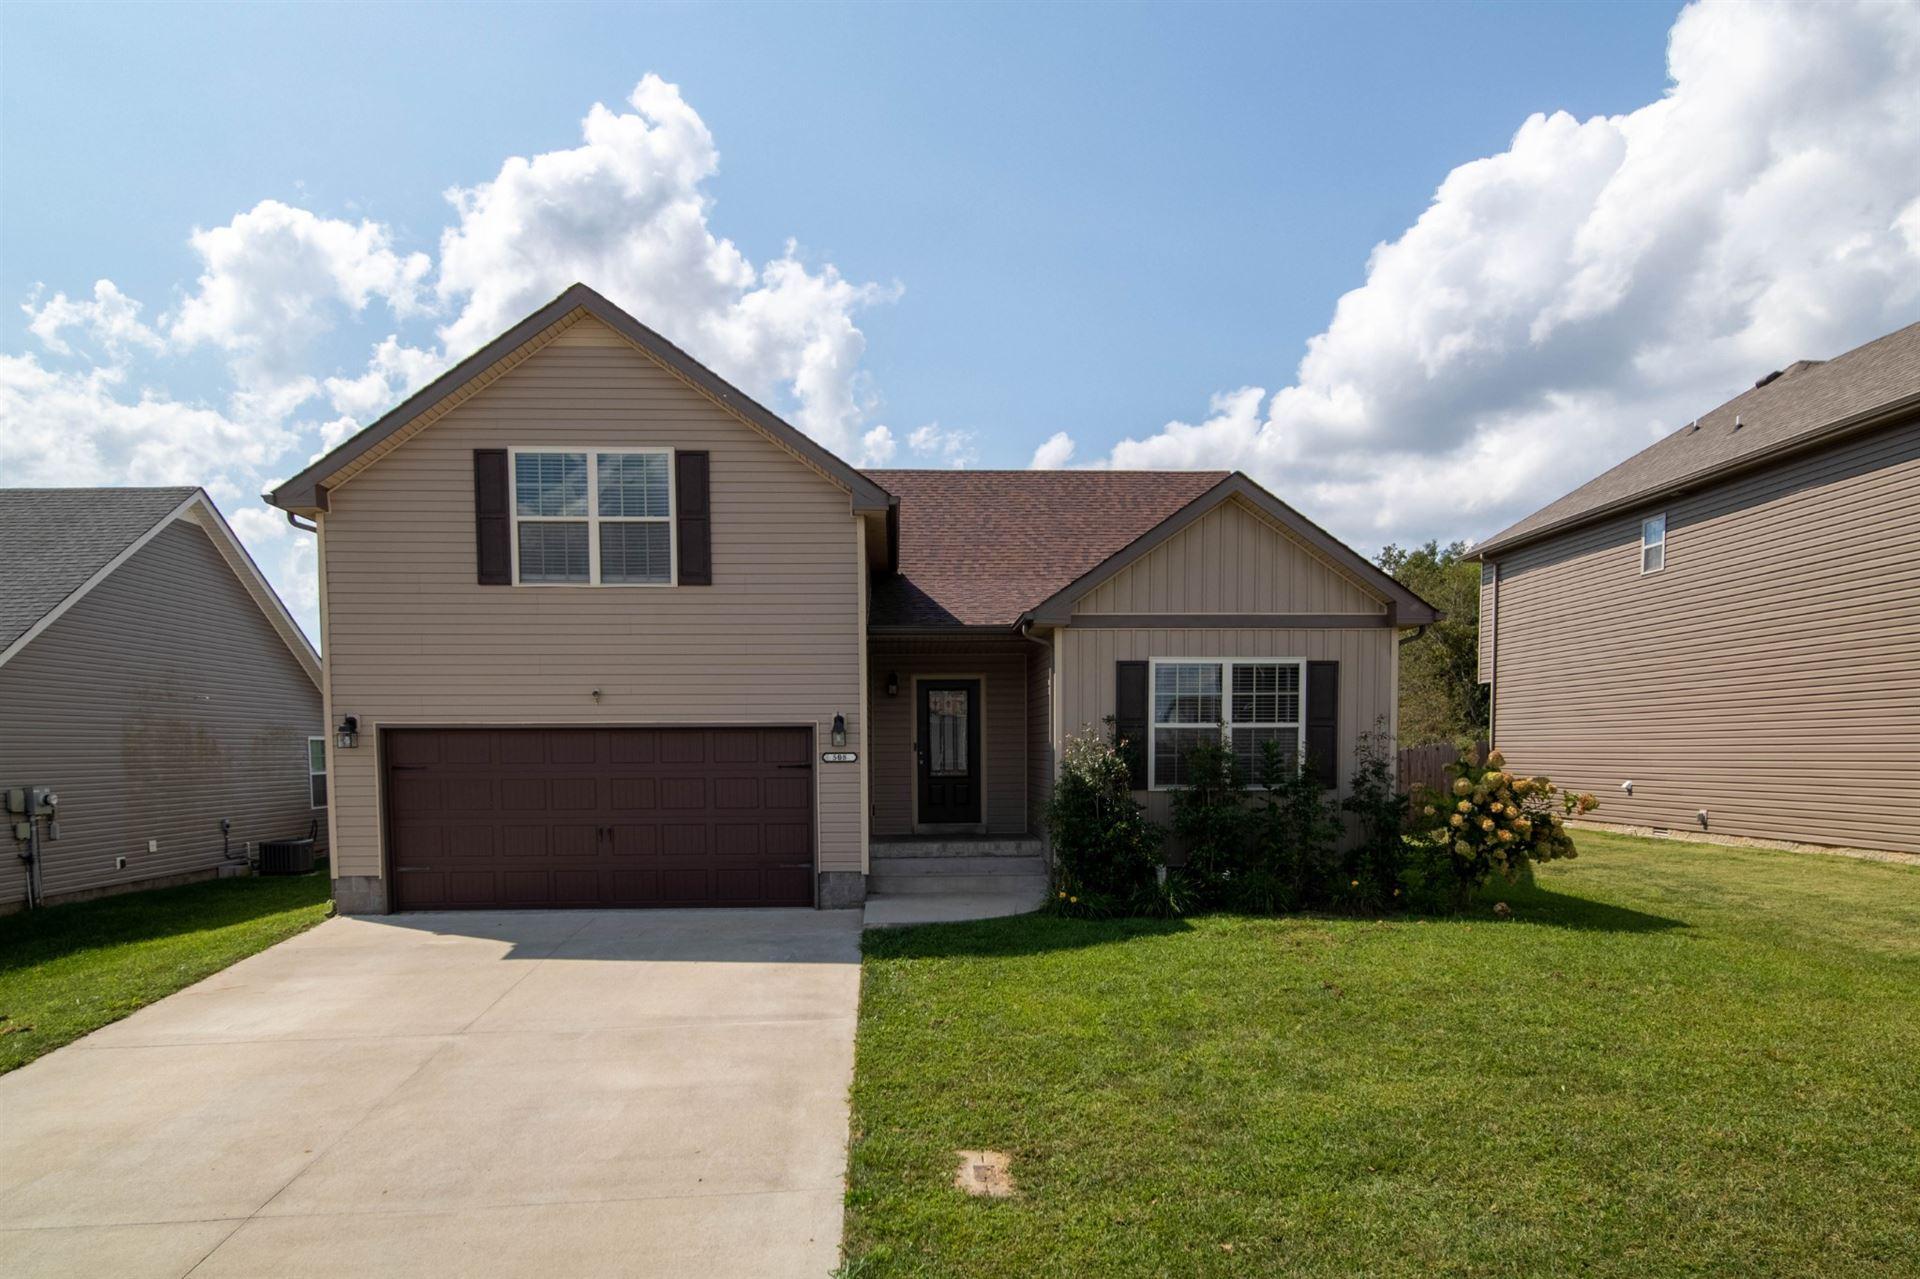 508 Sitka St, Clarksville, TN 37040 - MLS#: 2290968